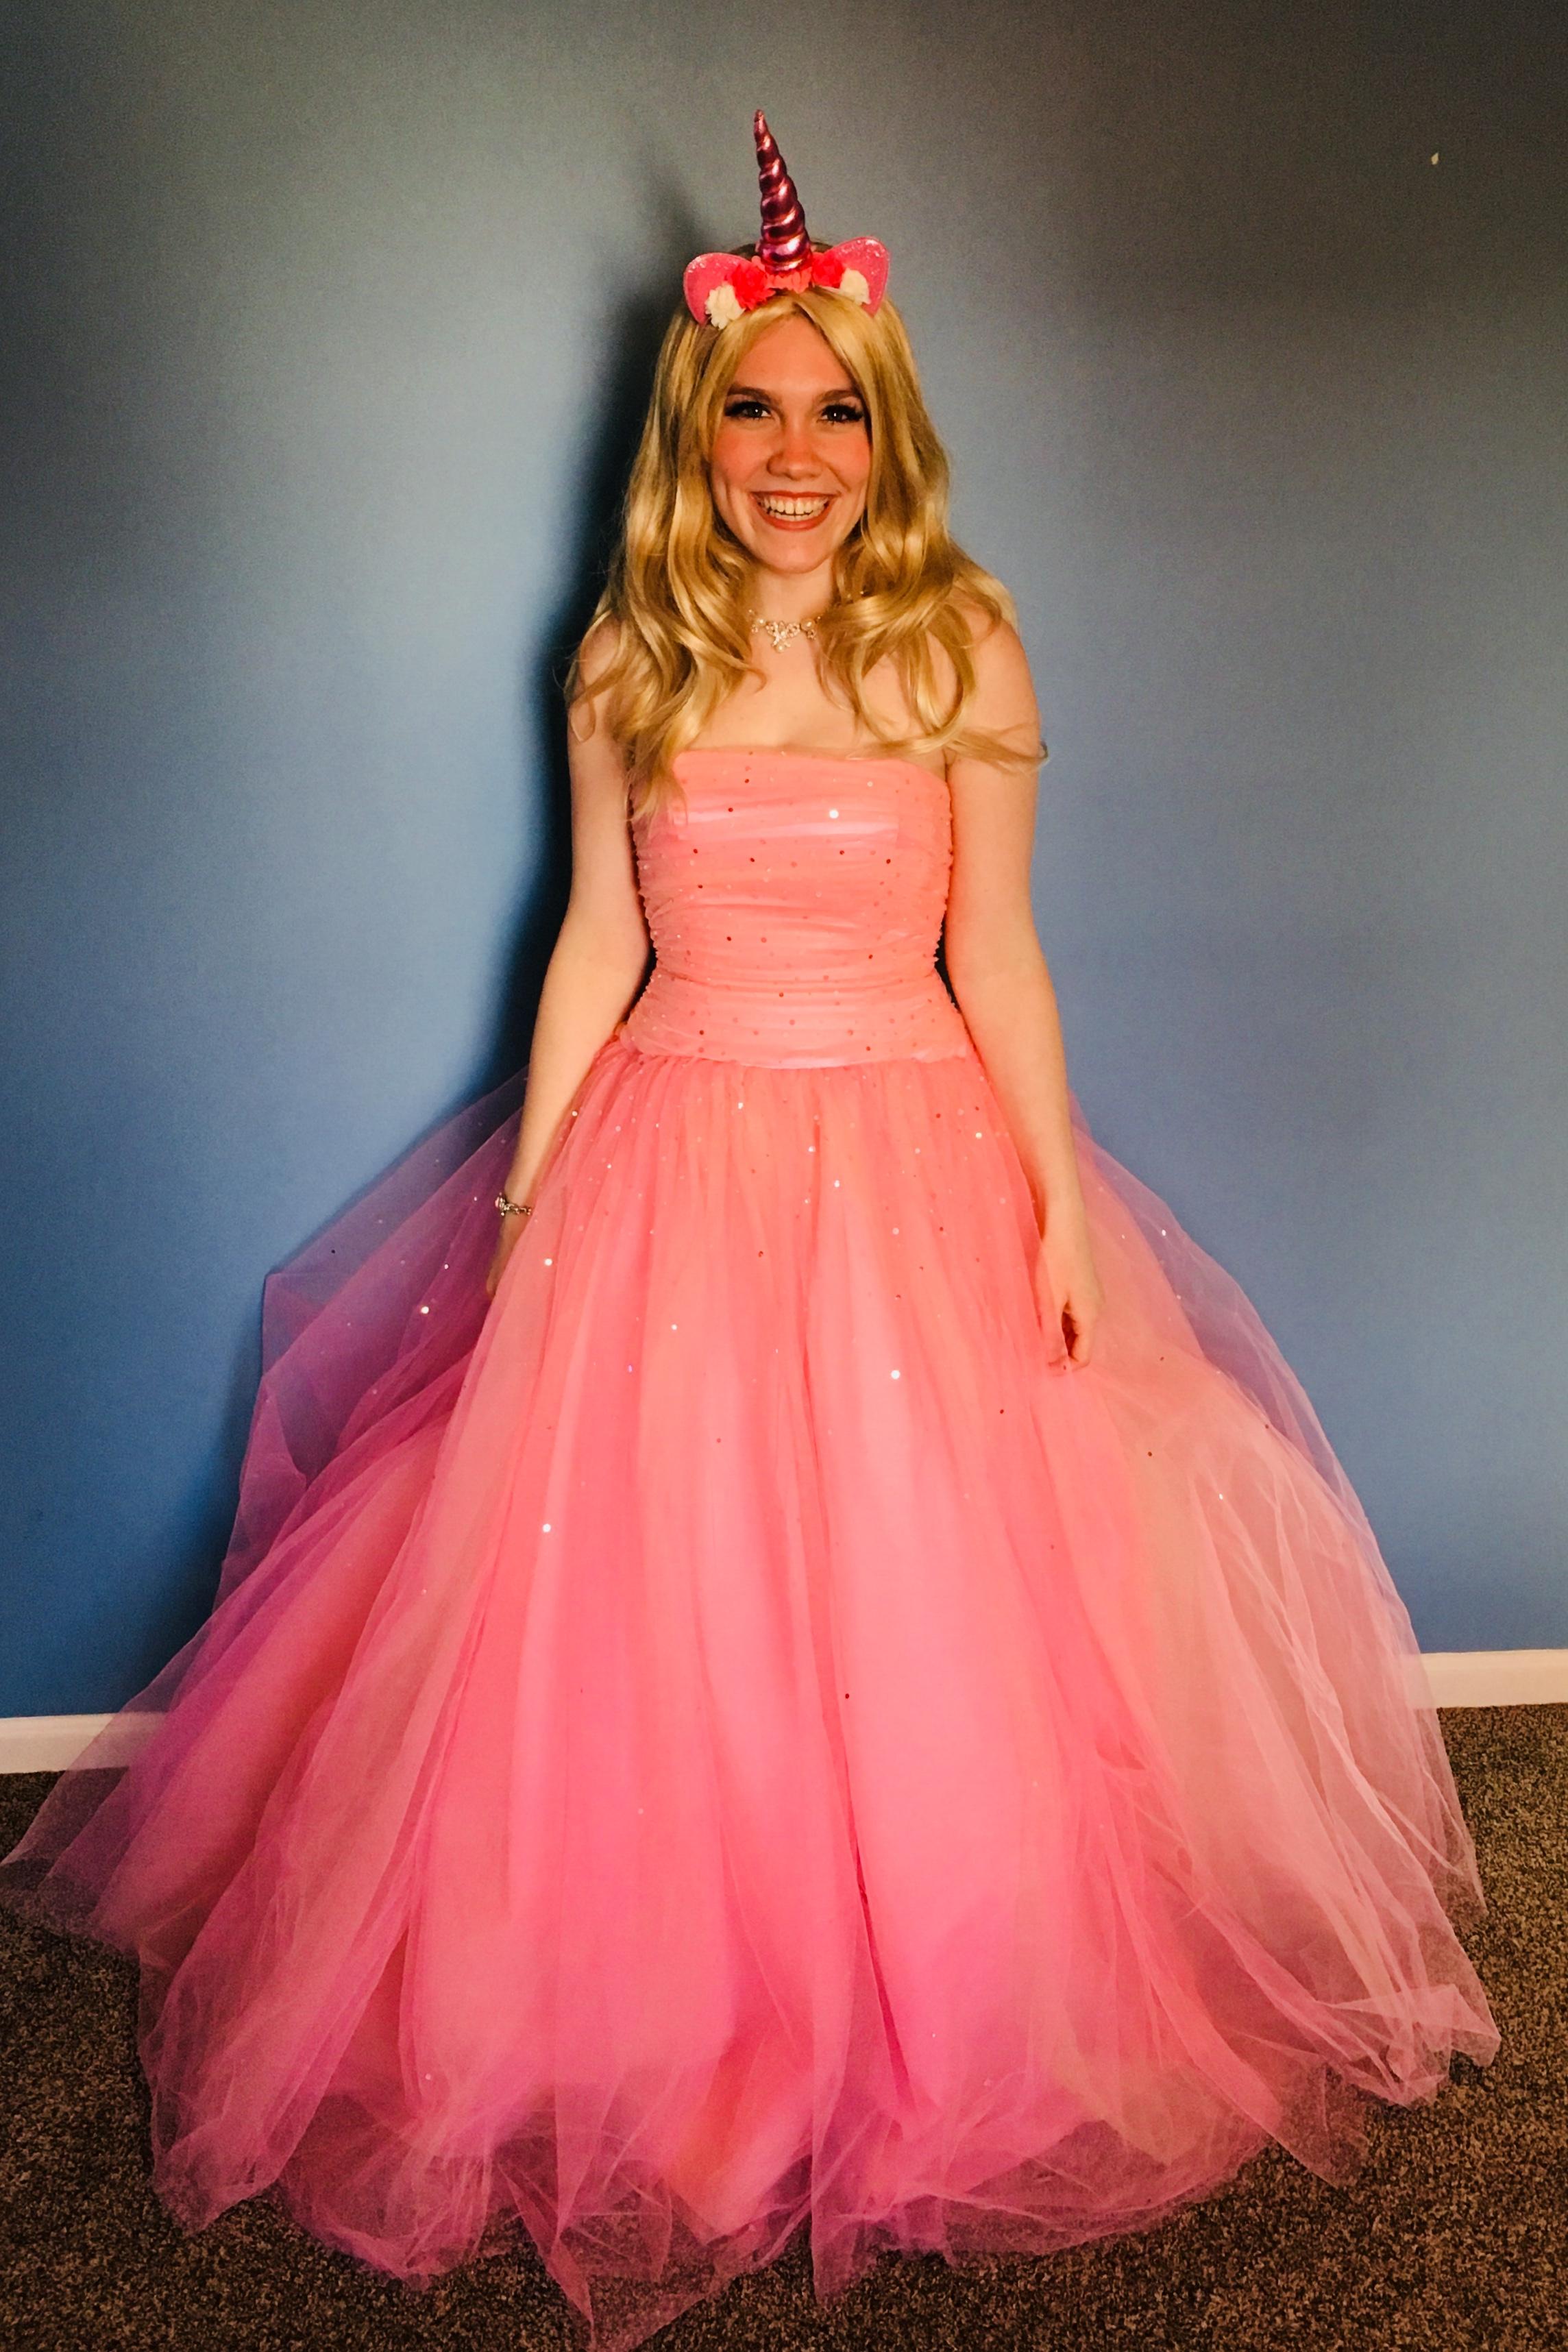 Princess #16